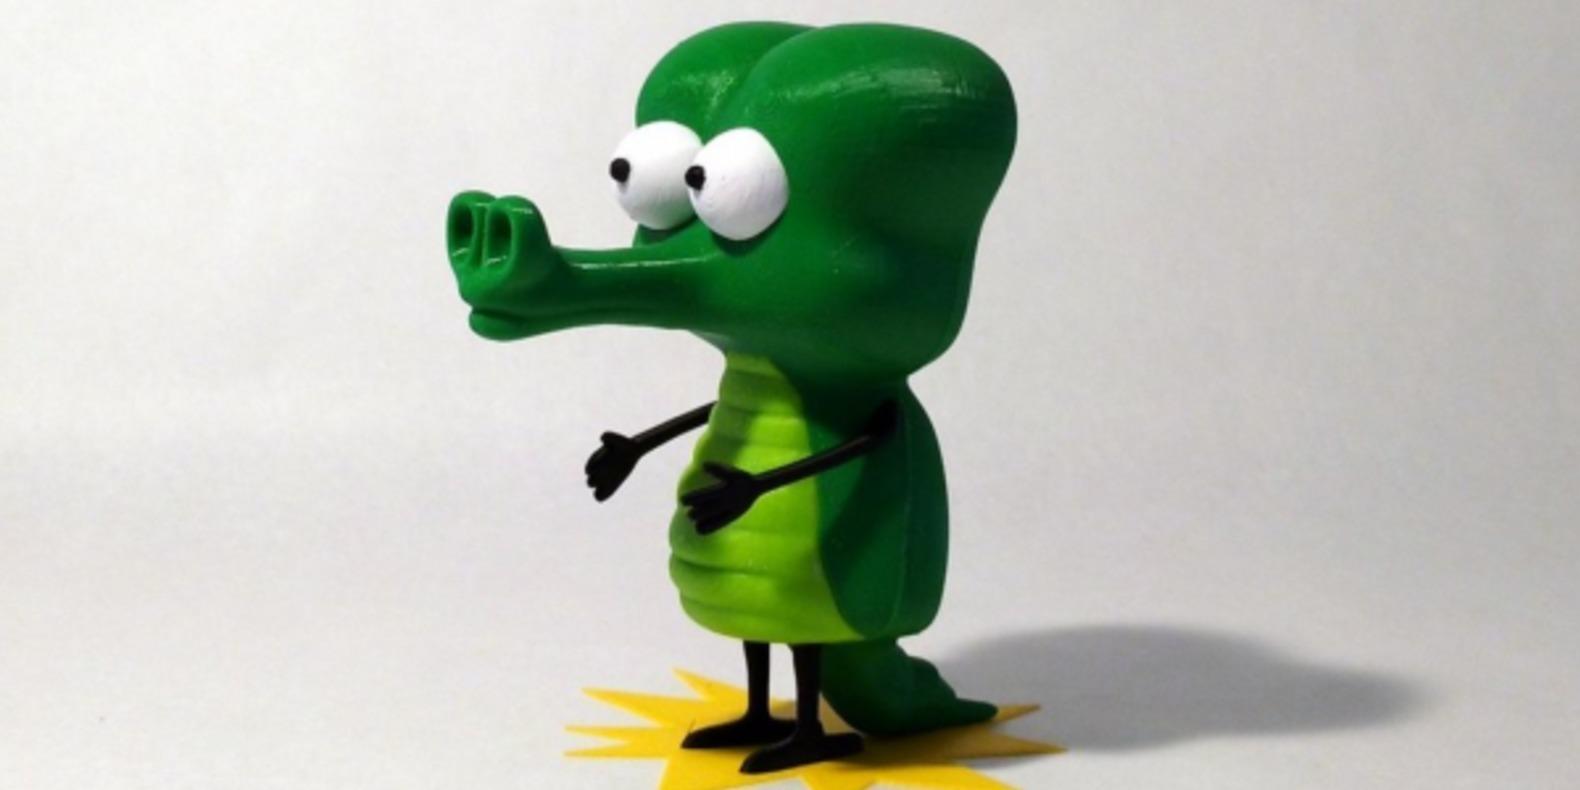 Les personnages de Pearls Before Swine imprimés en 3D